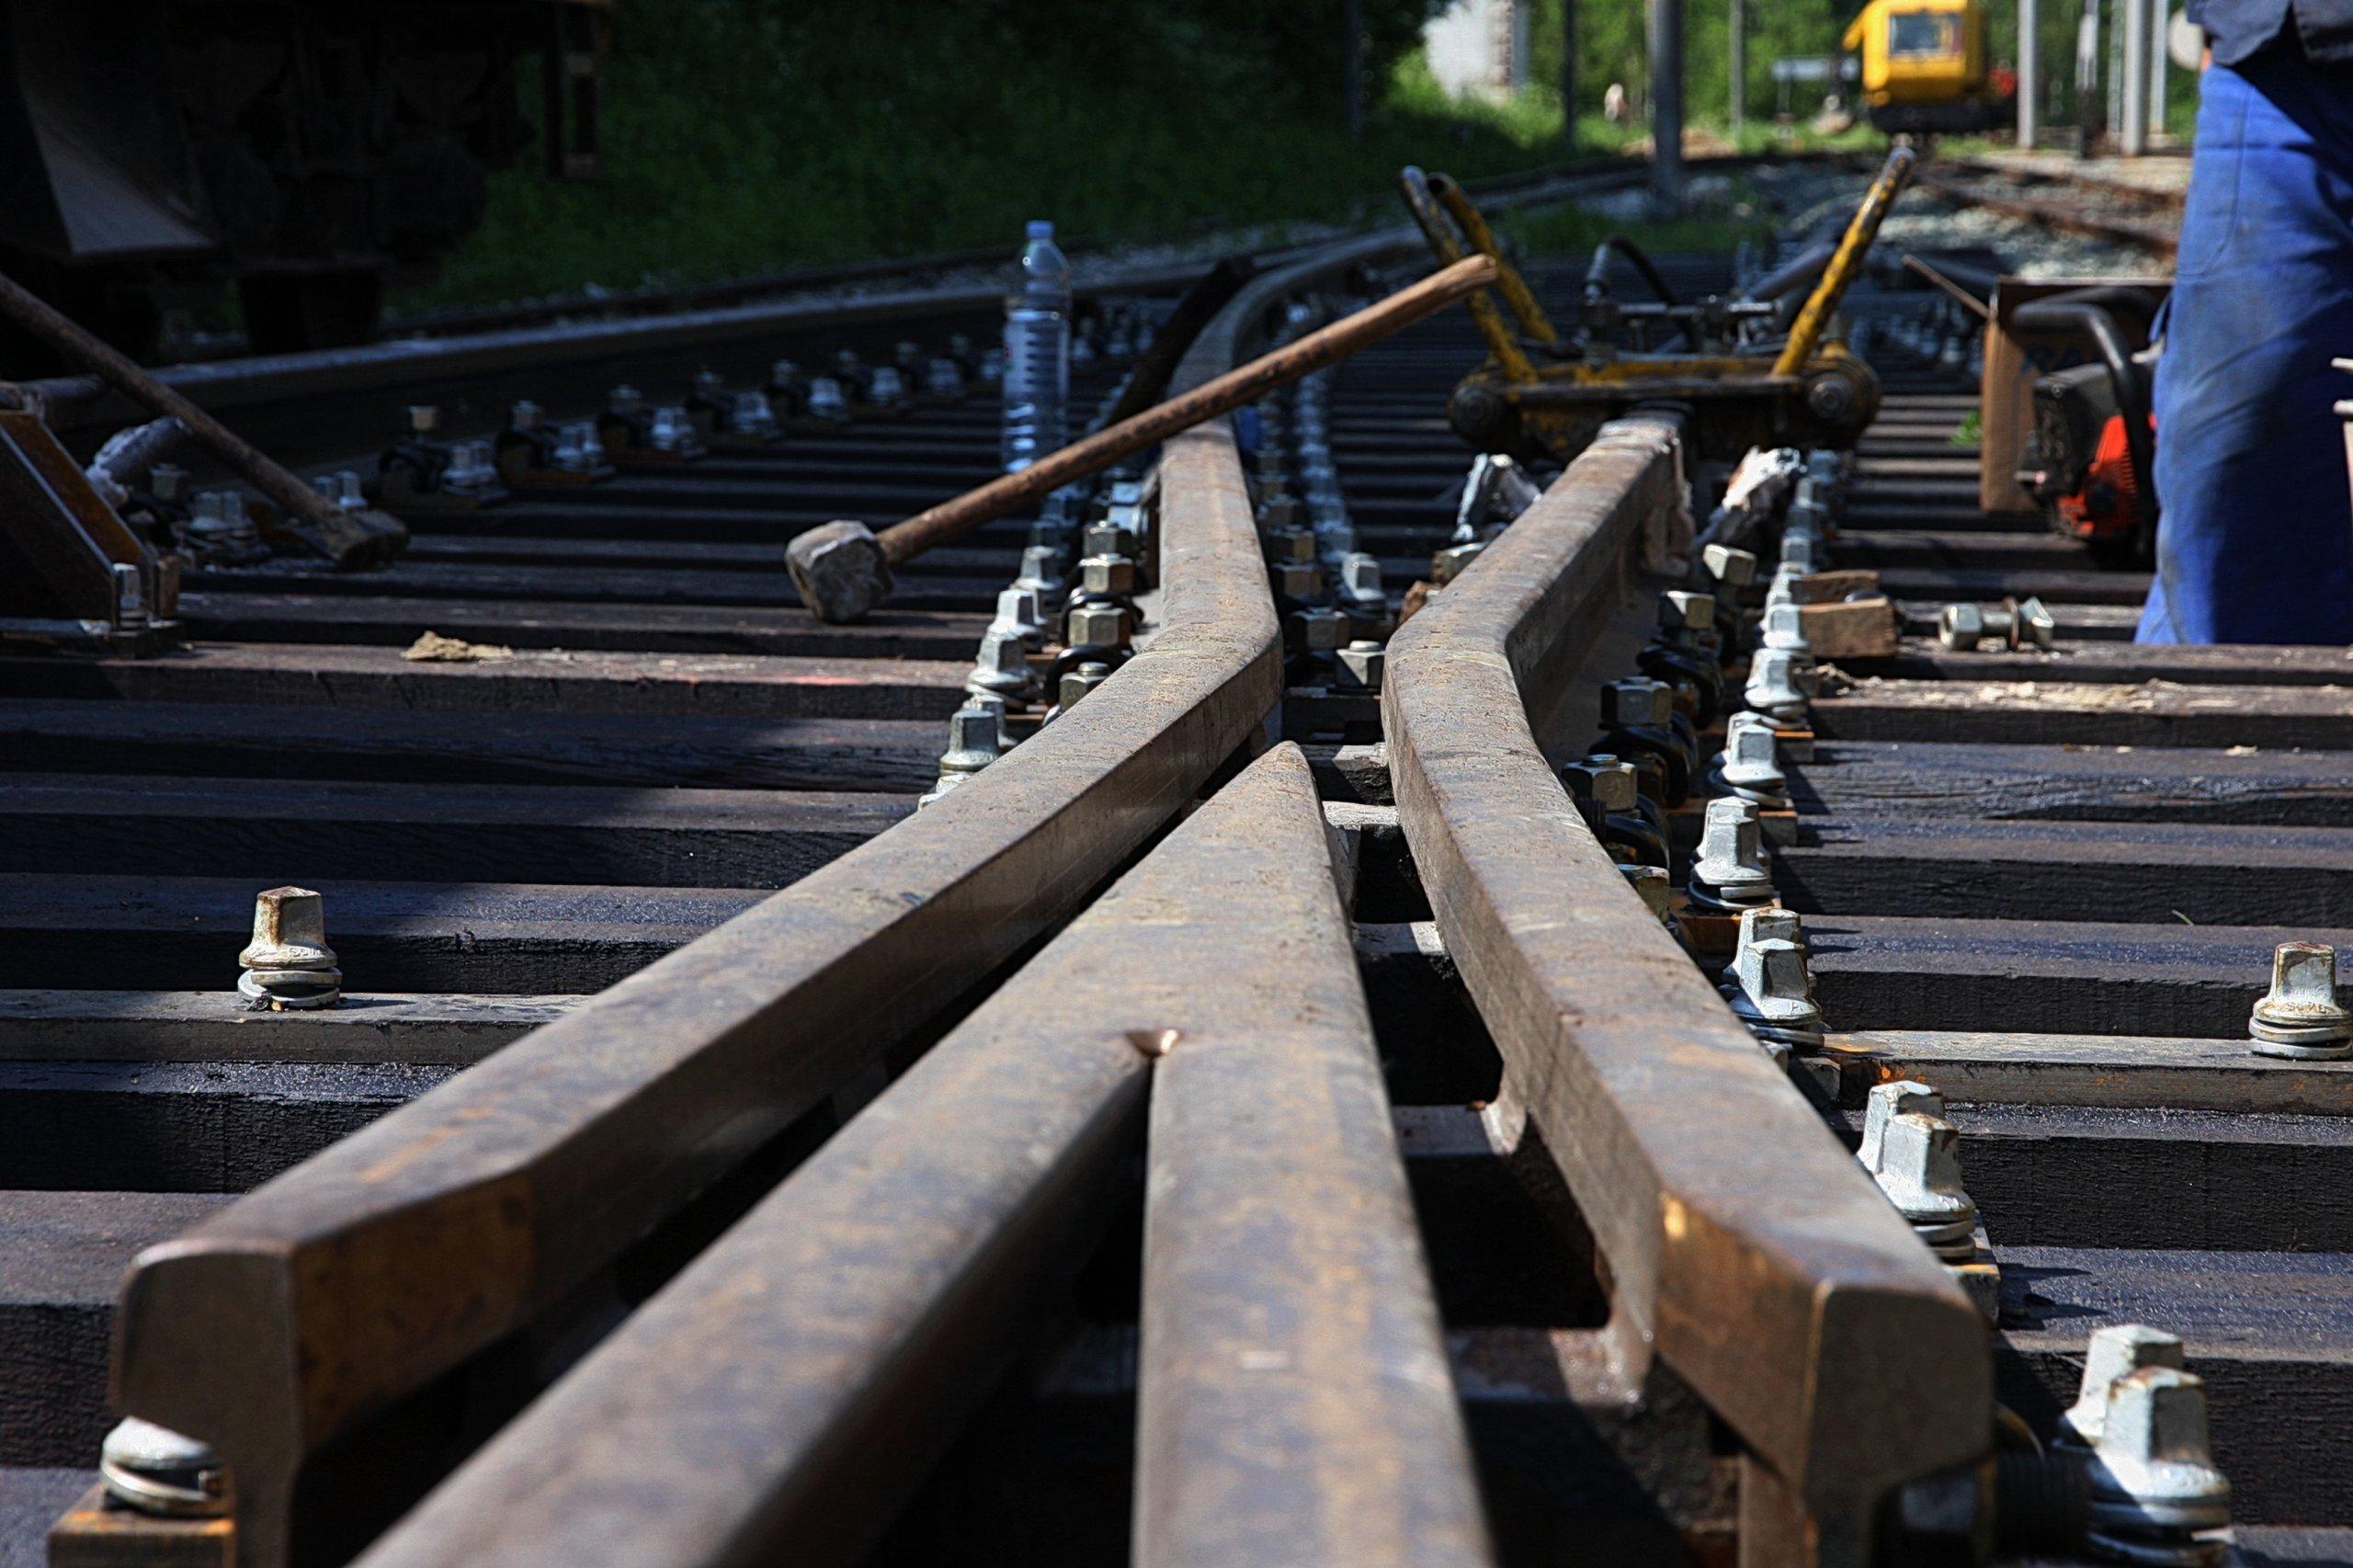 Ponovno se produljio rok izgradnje pruge Dugo Selo-Križevci: Hoće li Europa tražiti povrat sredstava?